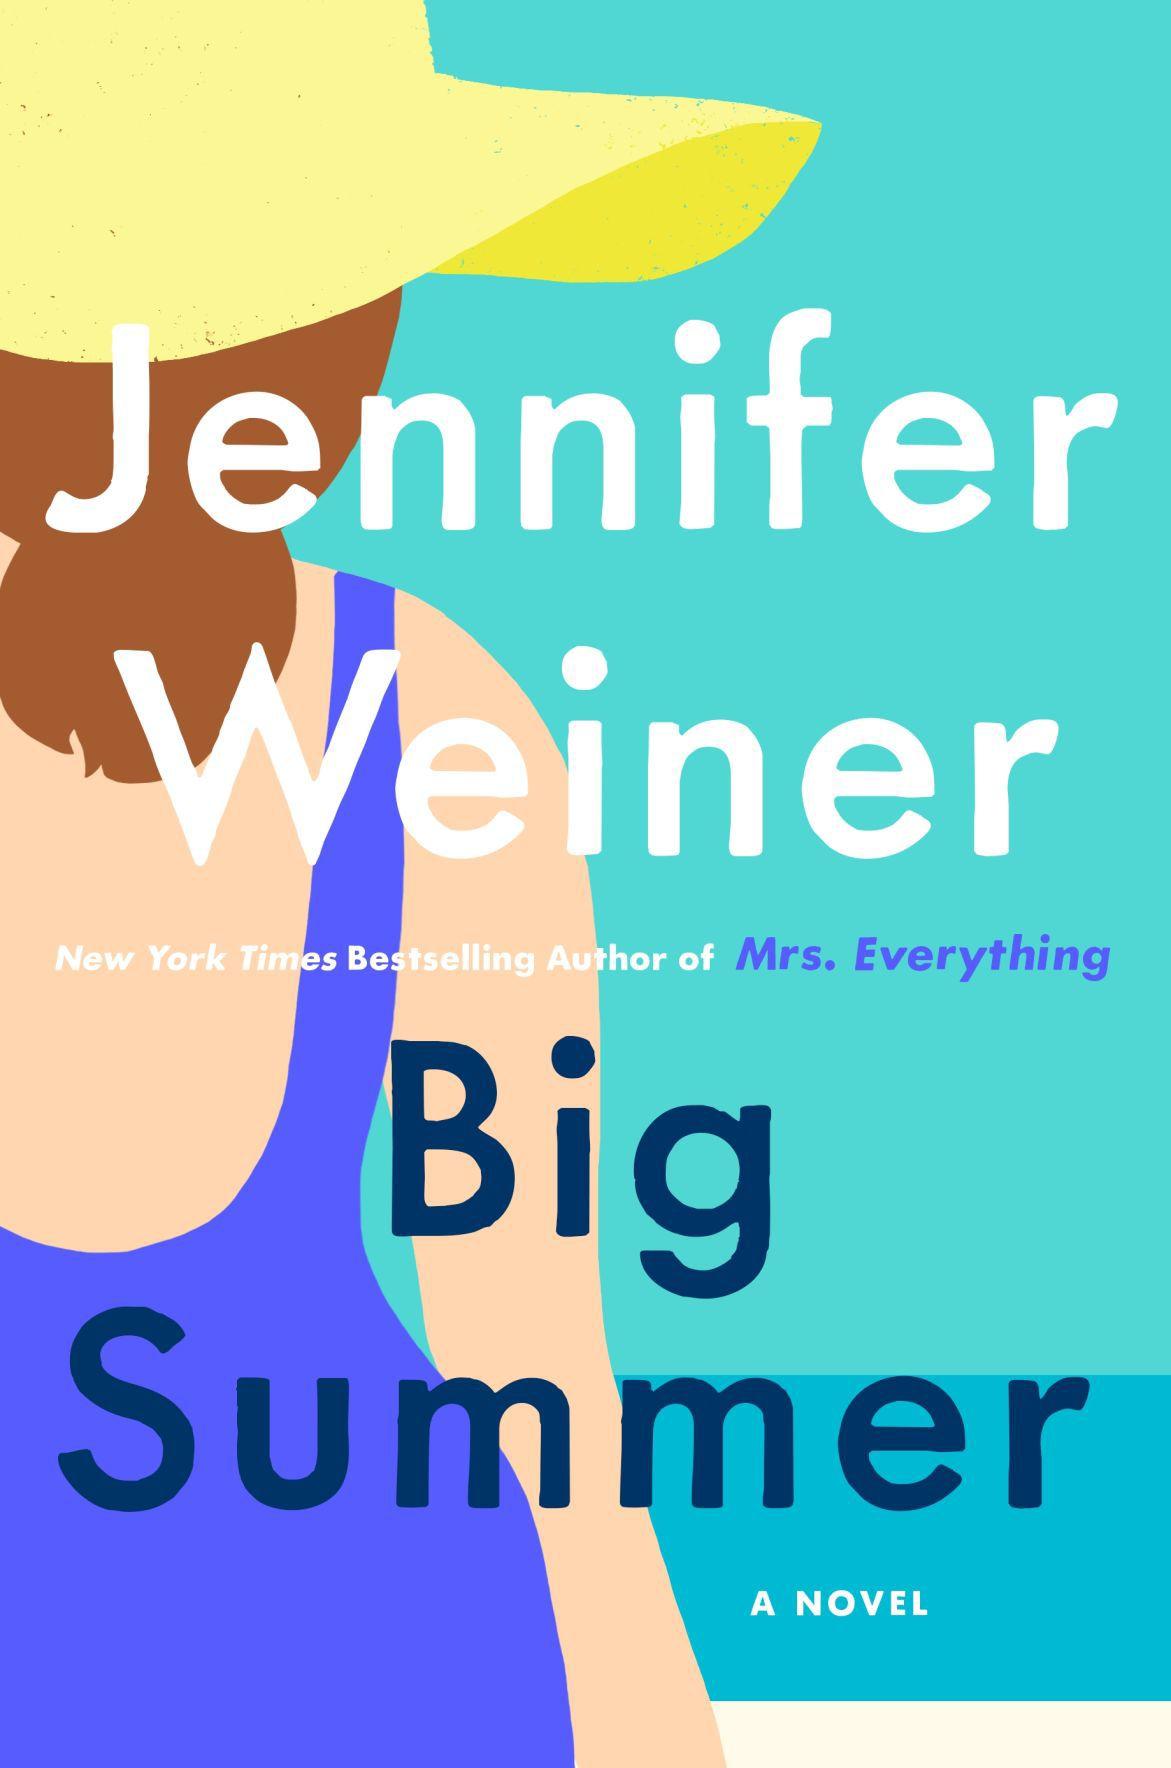 Big Summer book cover